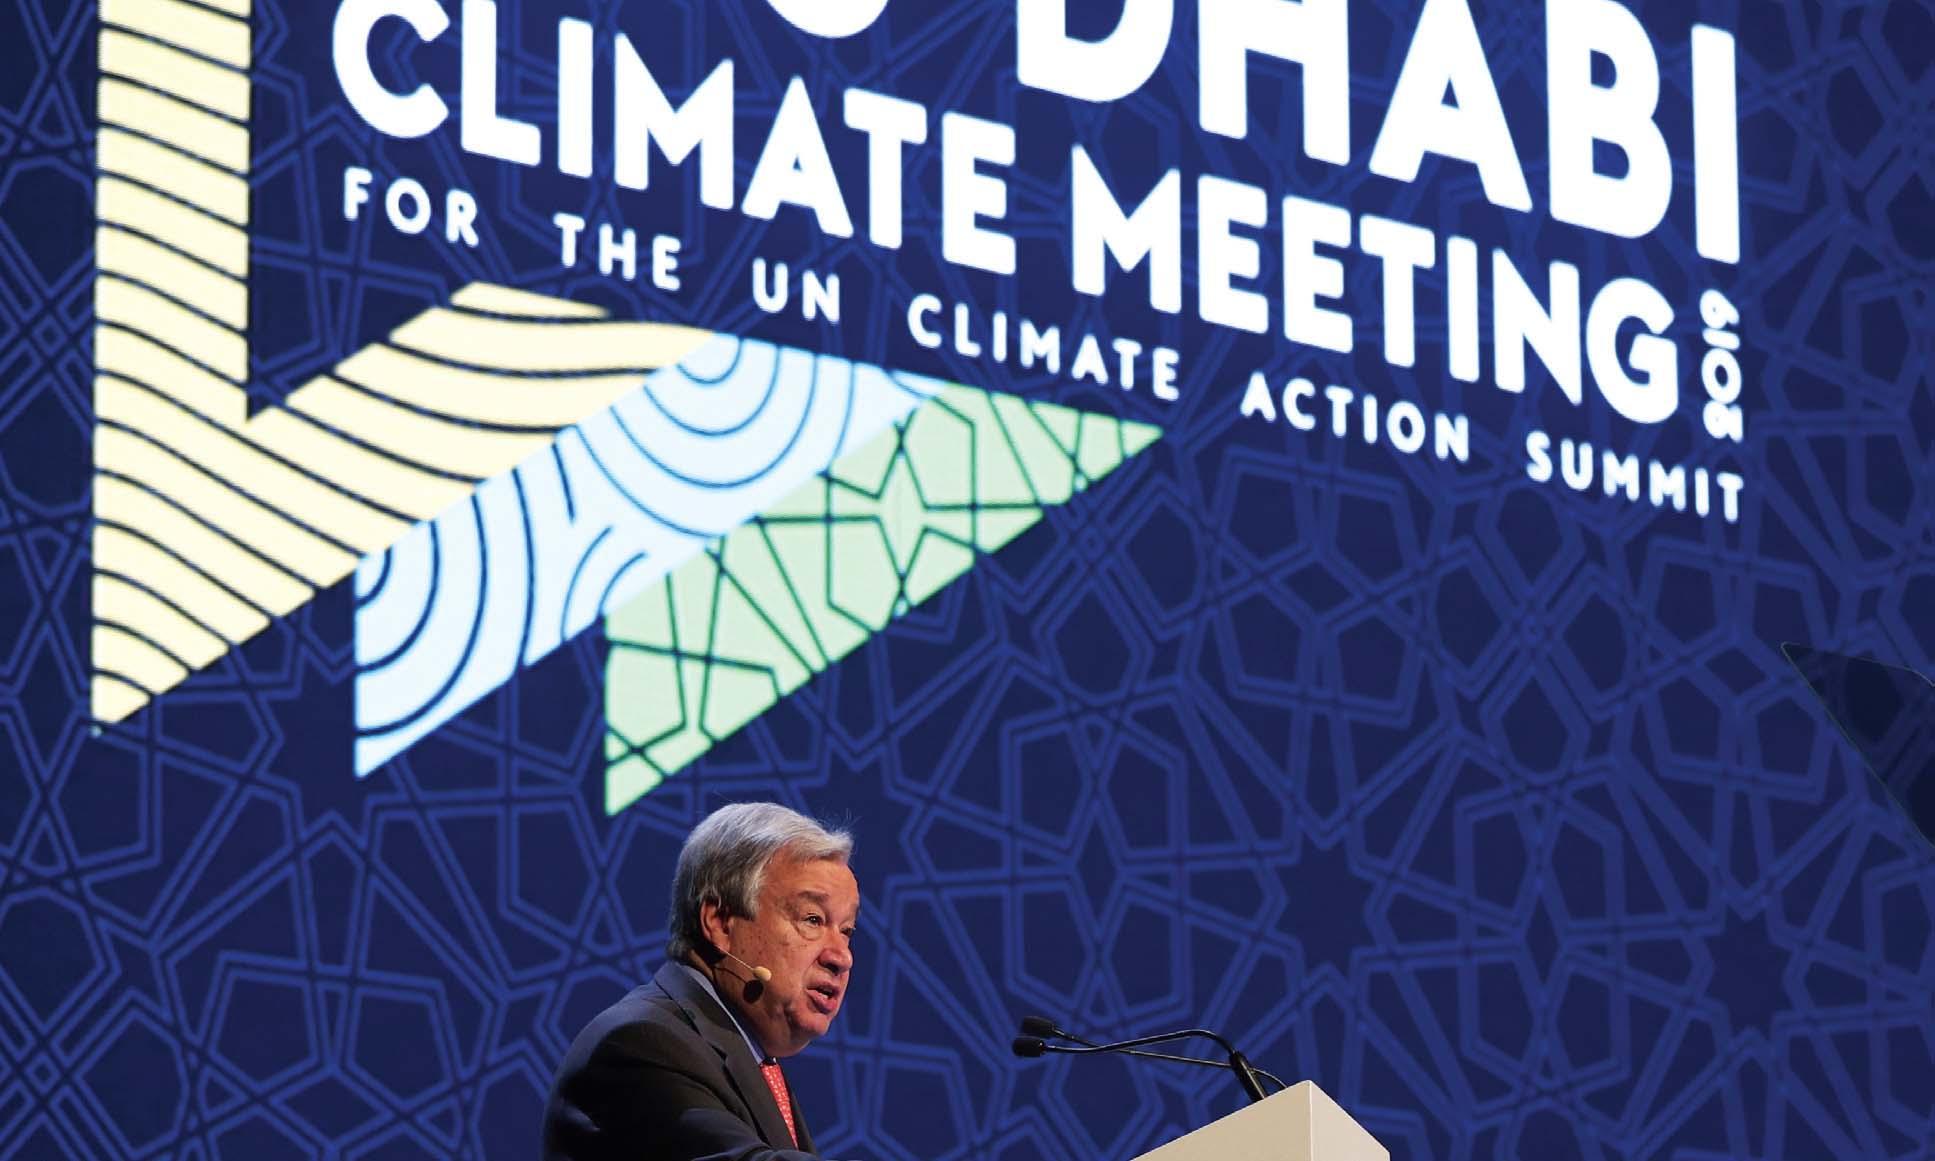 Le Maroc met en avant ses initiatives pour le climat et son engagement pour le développement durable en Afrique